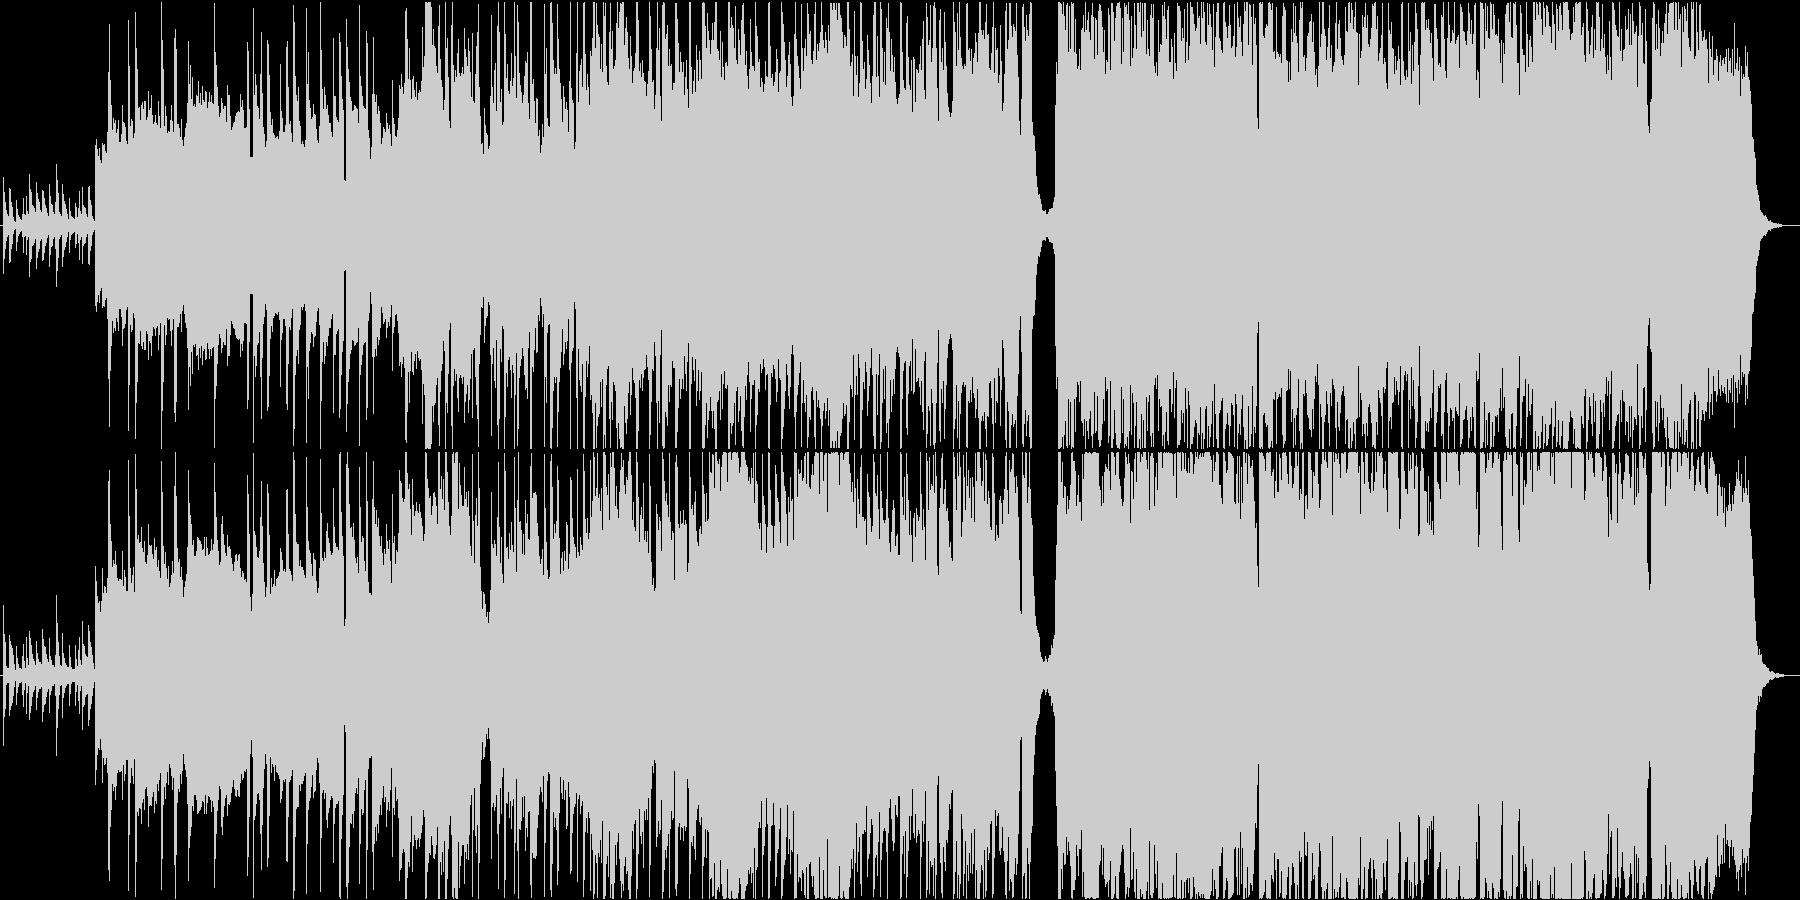 ストリングスとバンド編成のバラードの未再生の波形